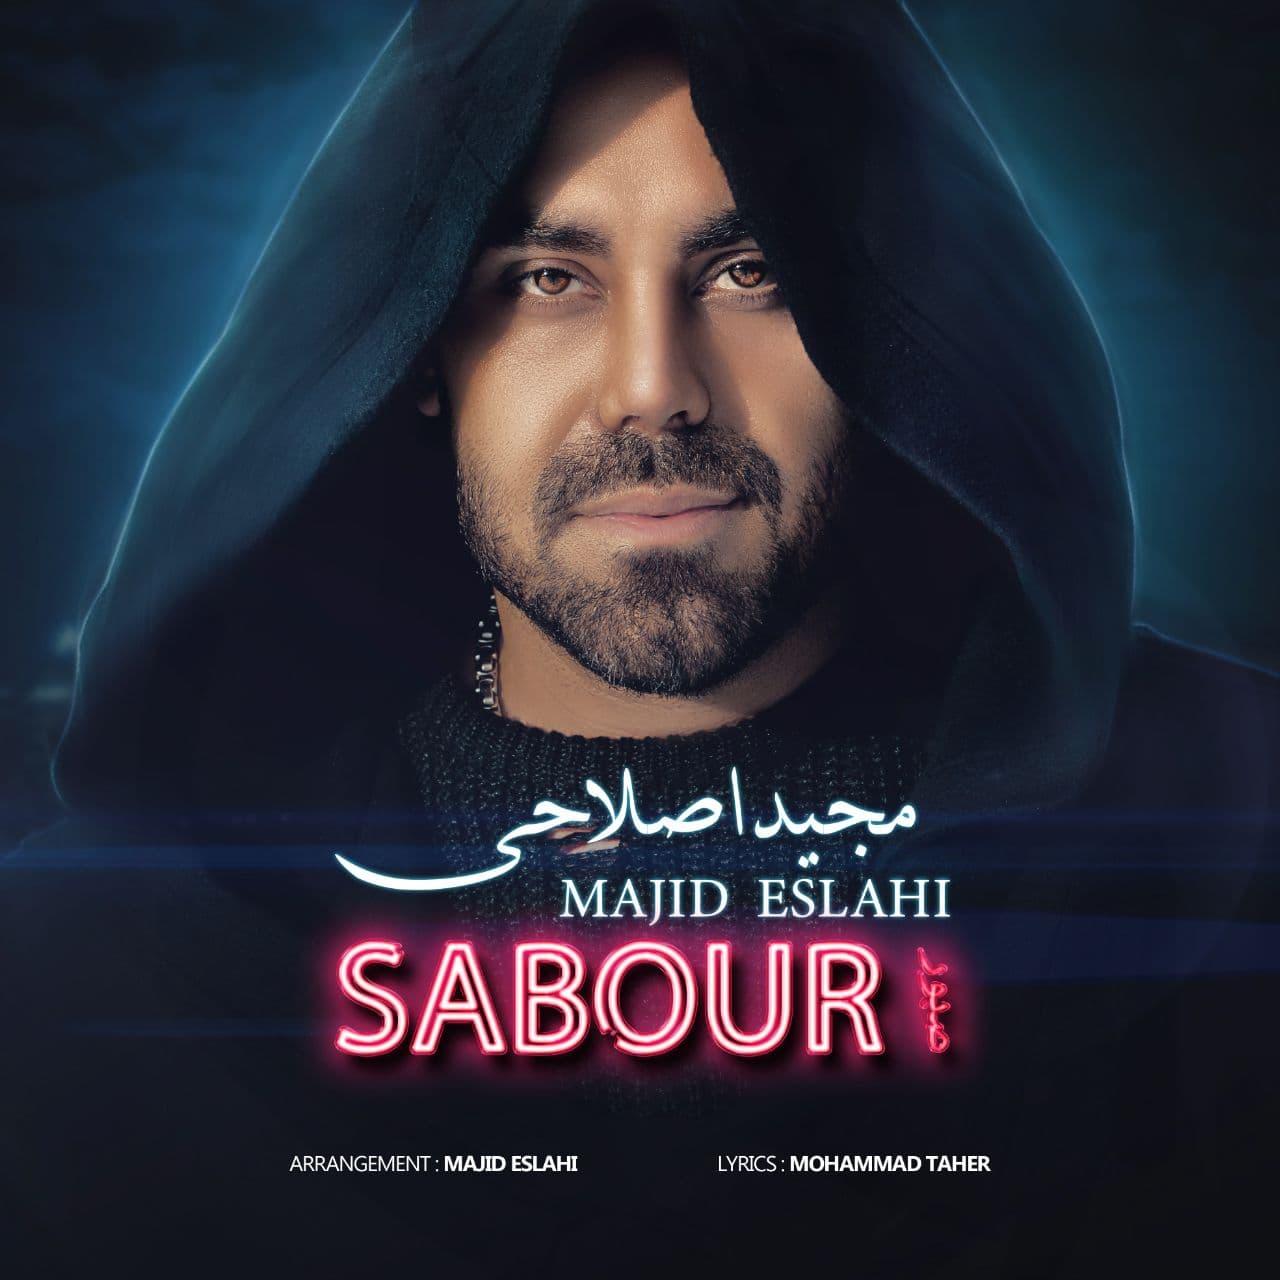 Majid Eslahi – Sabour